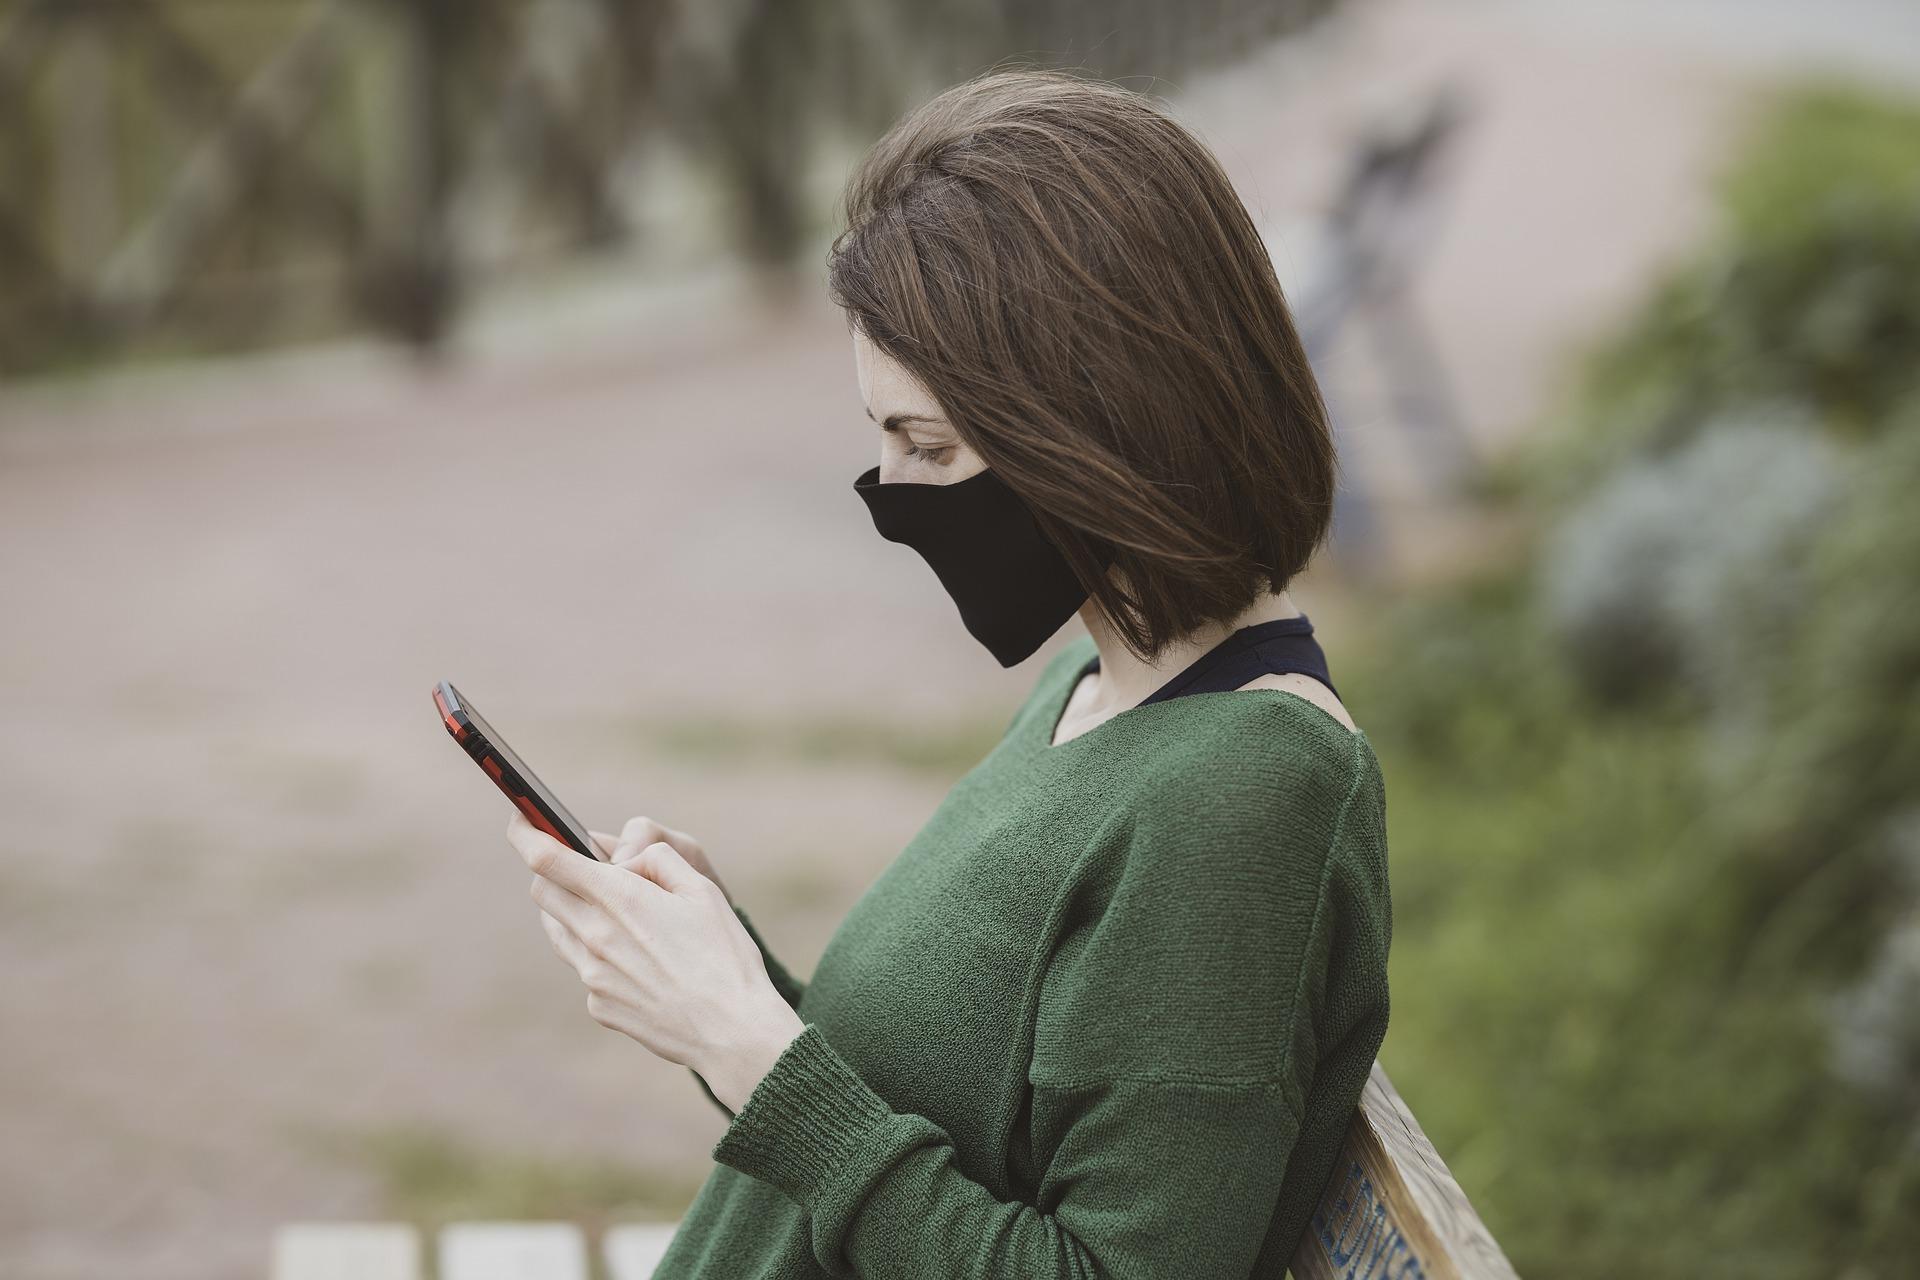 covid19-isolamentosocial-como-um-psicologo-online-pode-ajudar